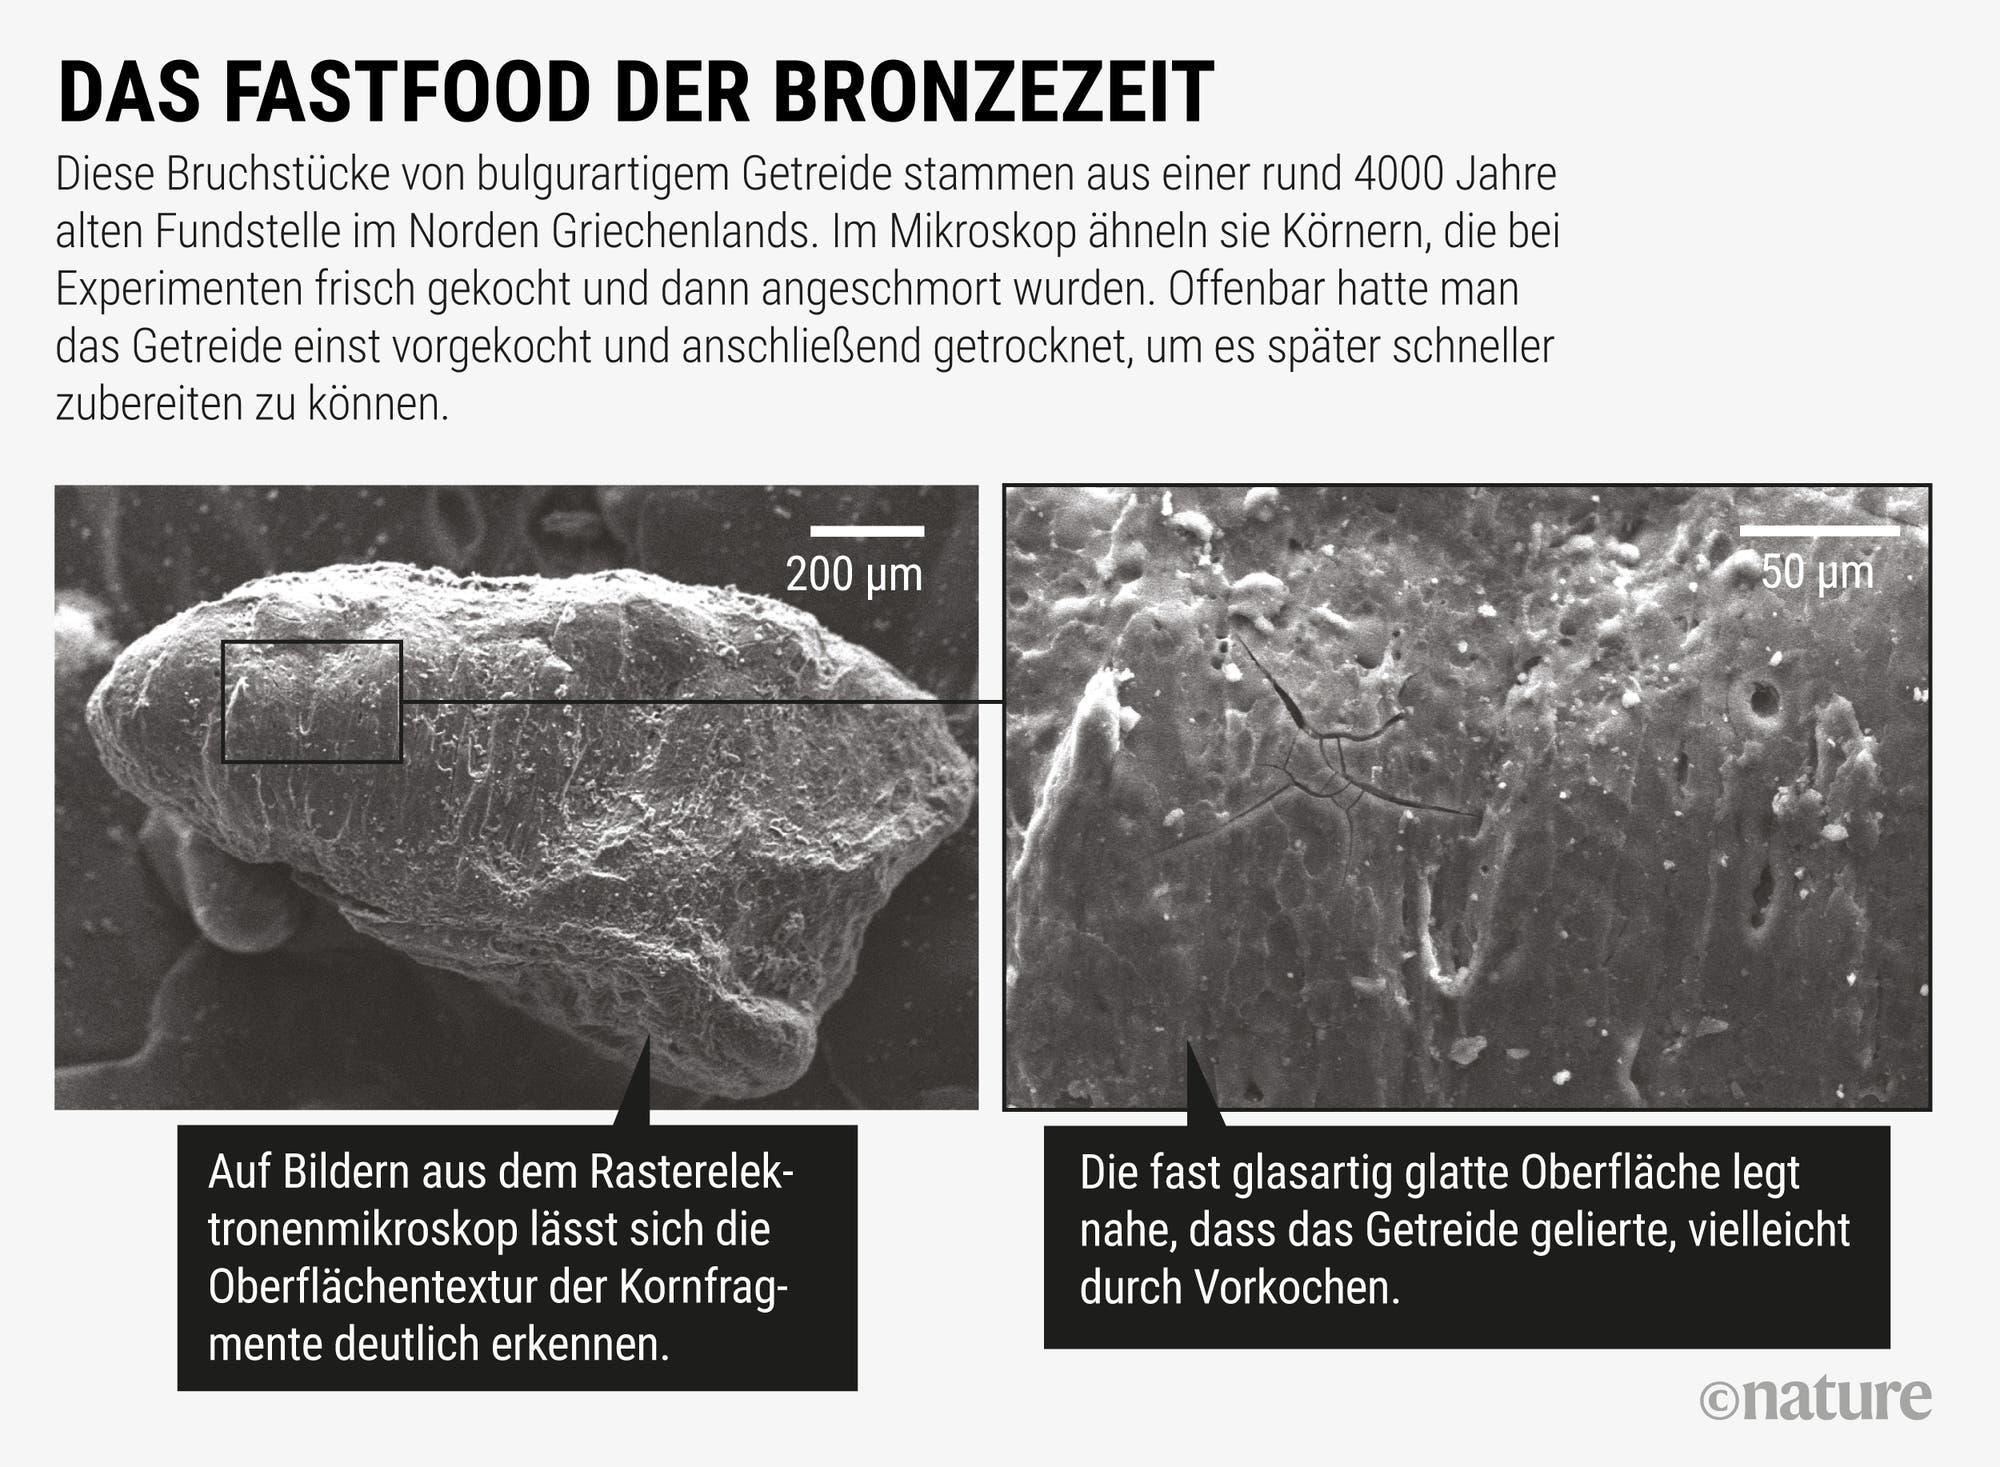 Das Fastfood der Bronzezeit